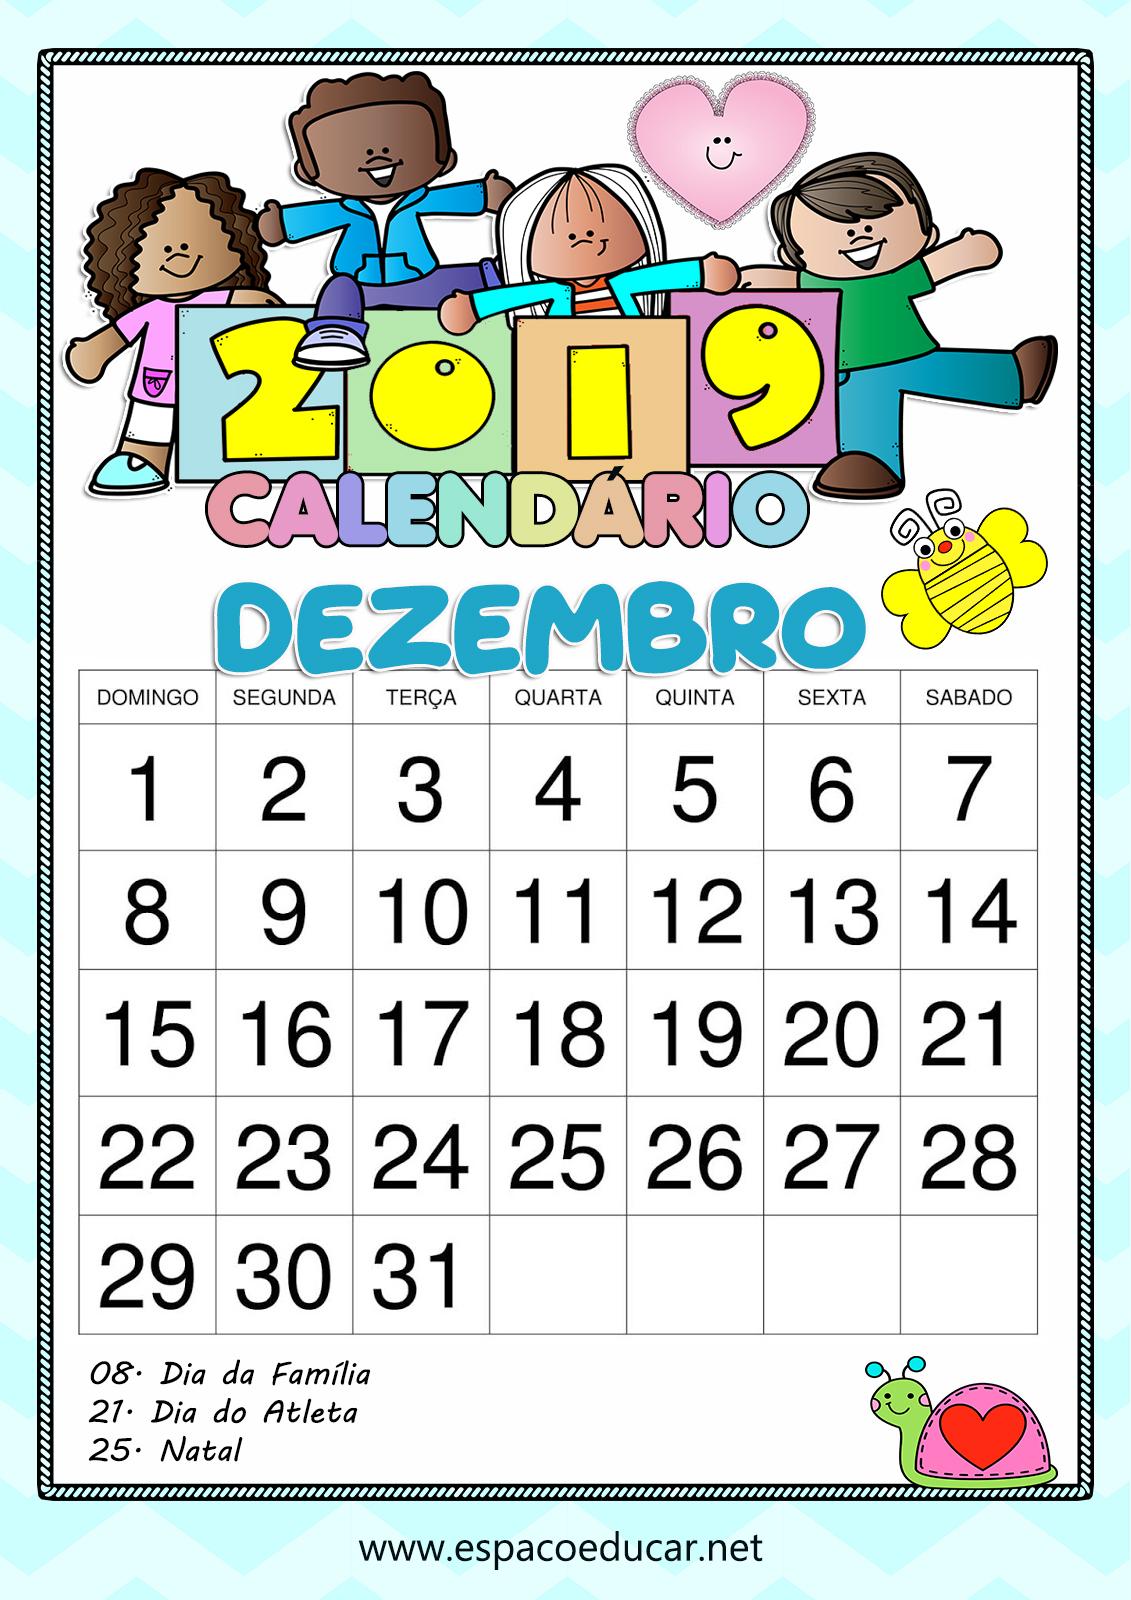 CALENDÁRIO DEZEMBRO DE 2019 PARA IMPRIMIR - COLORIDO COM ...